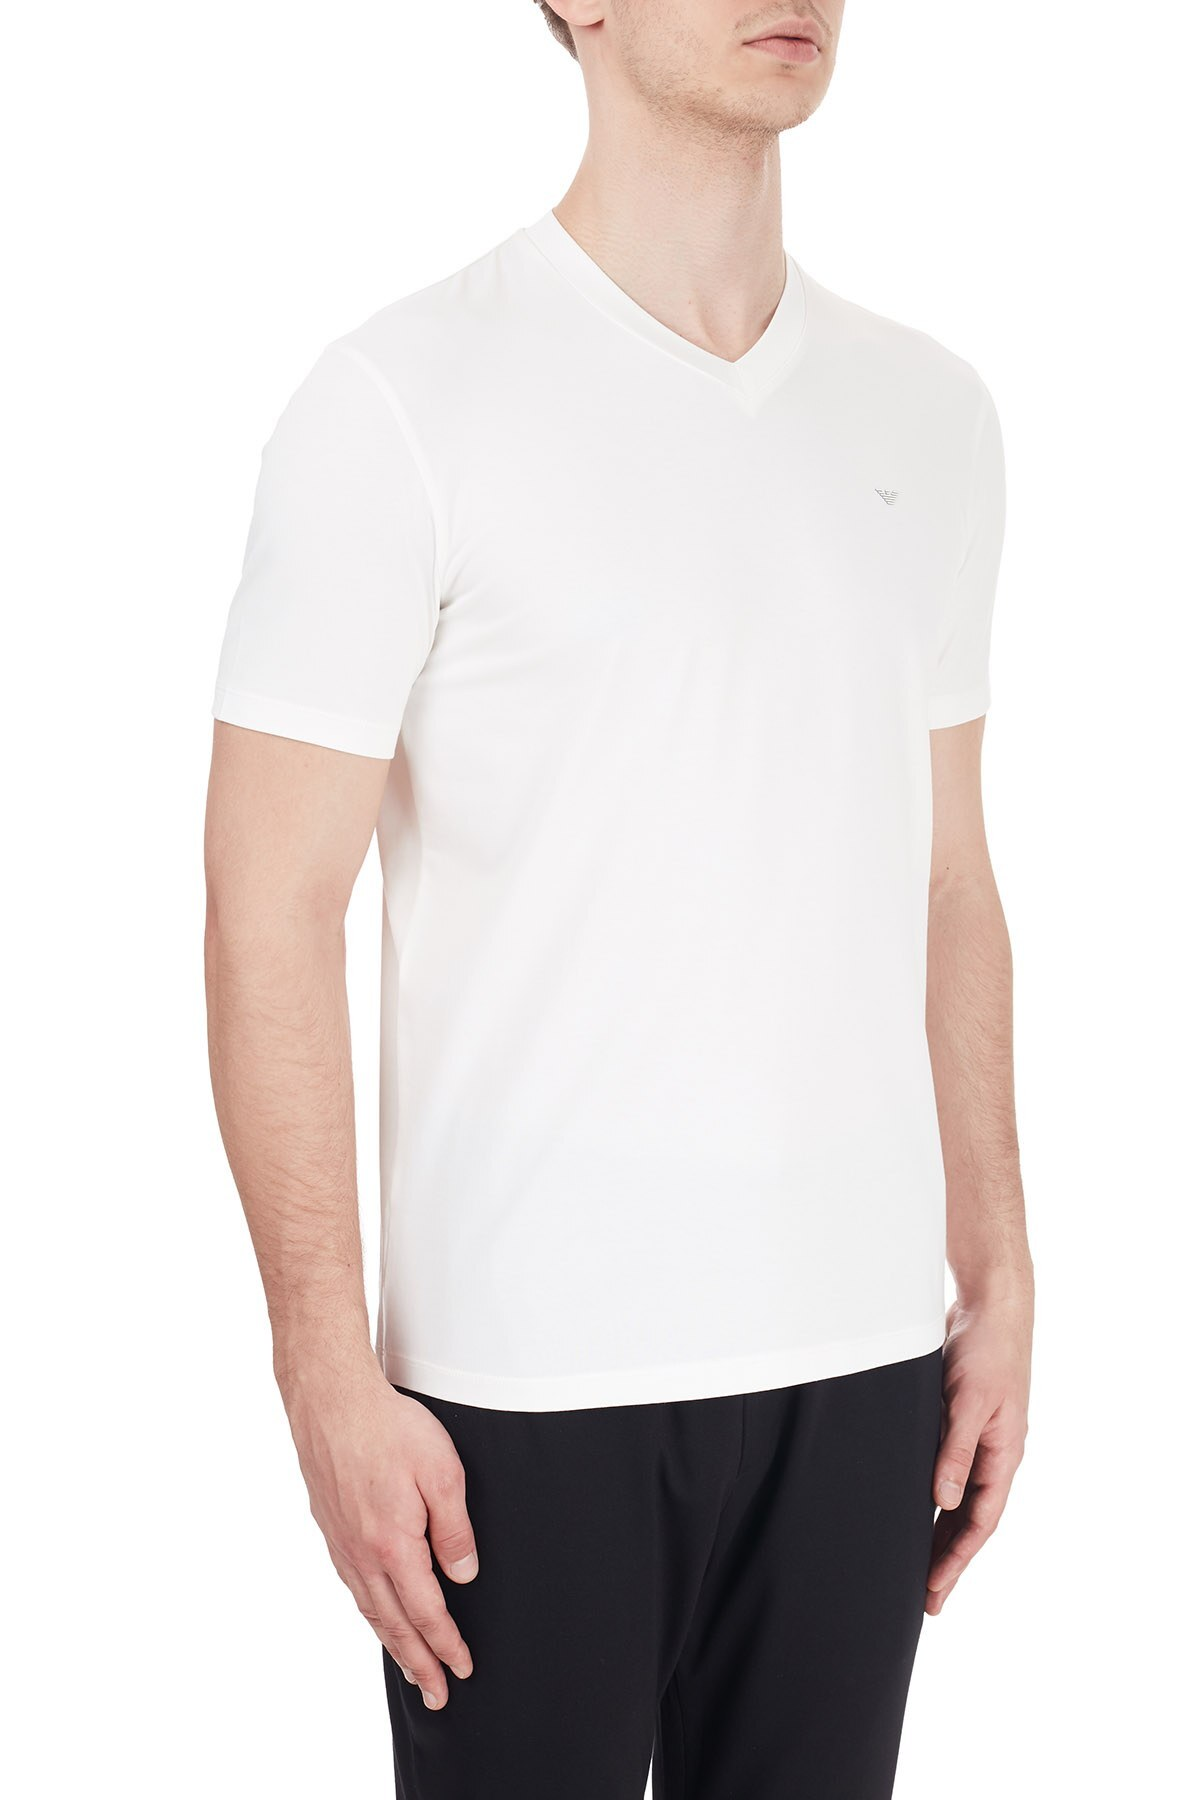 Emporio Armani V Yaka Pamuklu Erkek T Shirt 6H1TS1 1JJRZ 0101 BEYAZ